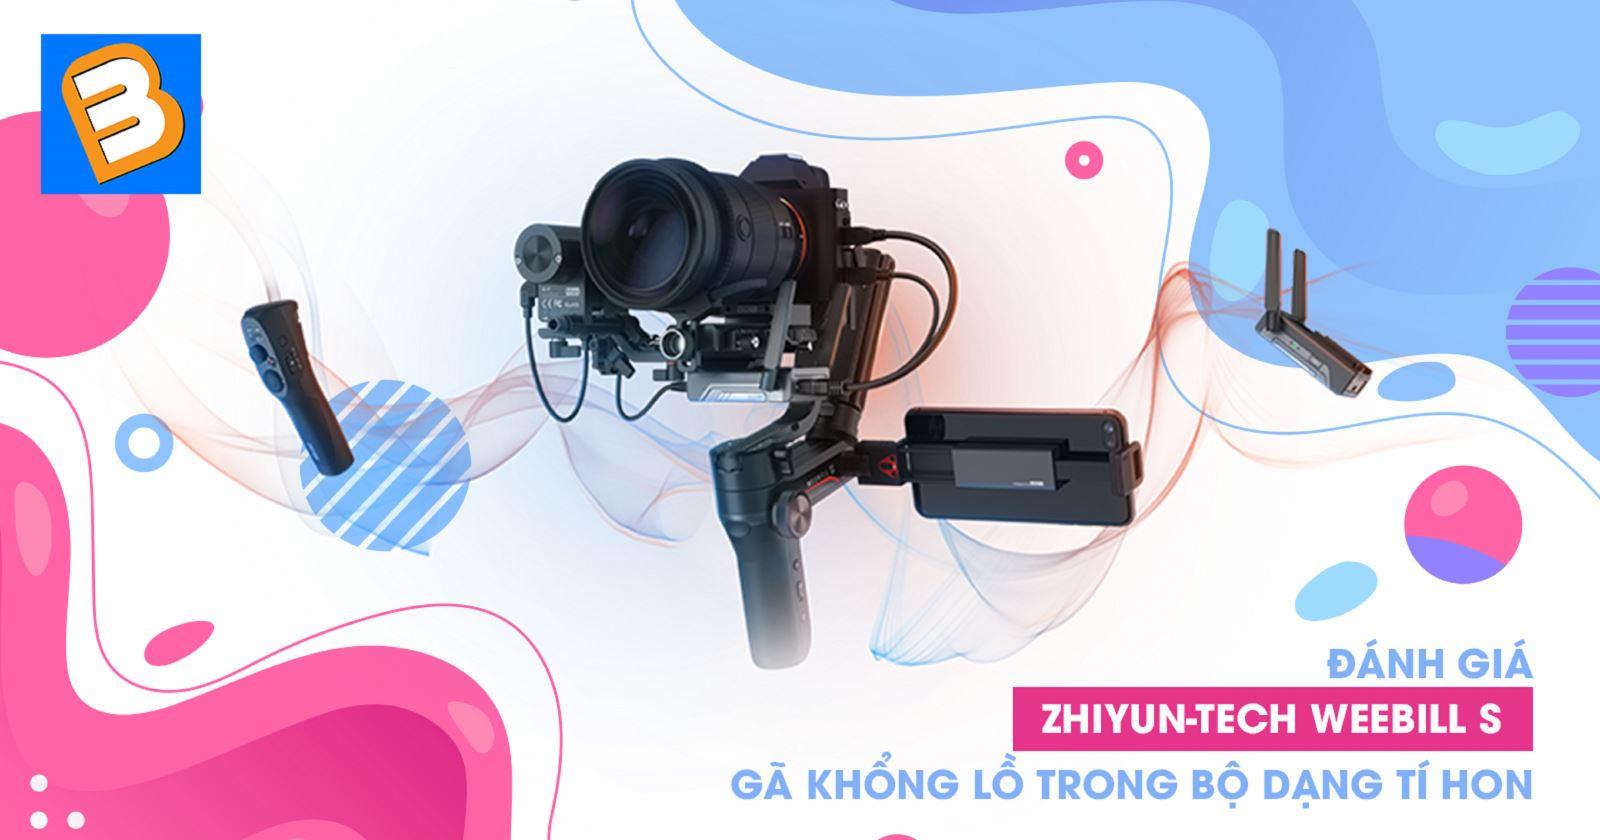 Đánh giá Zhiyun-Tech Weebill S:Gã khổng lồ trong bộ dạng tí hon